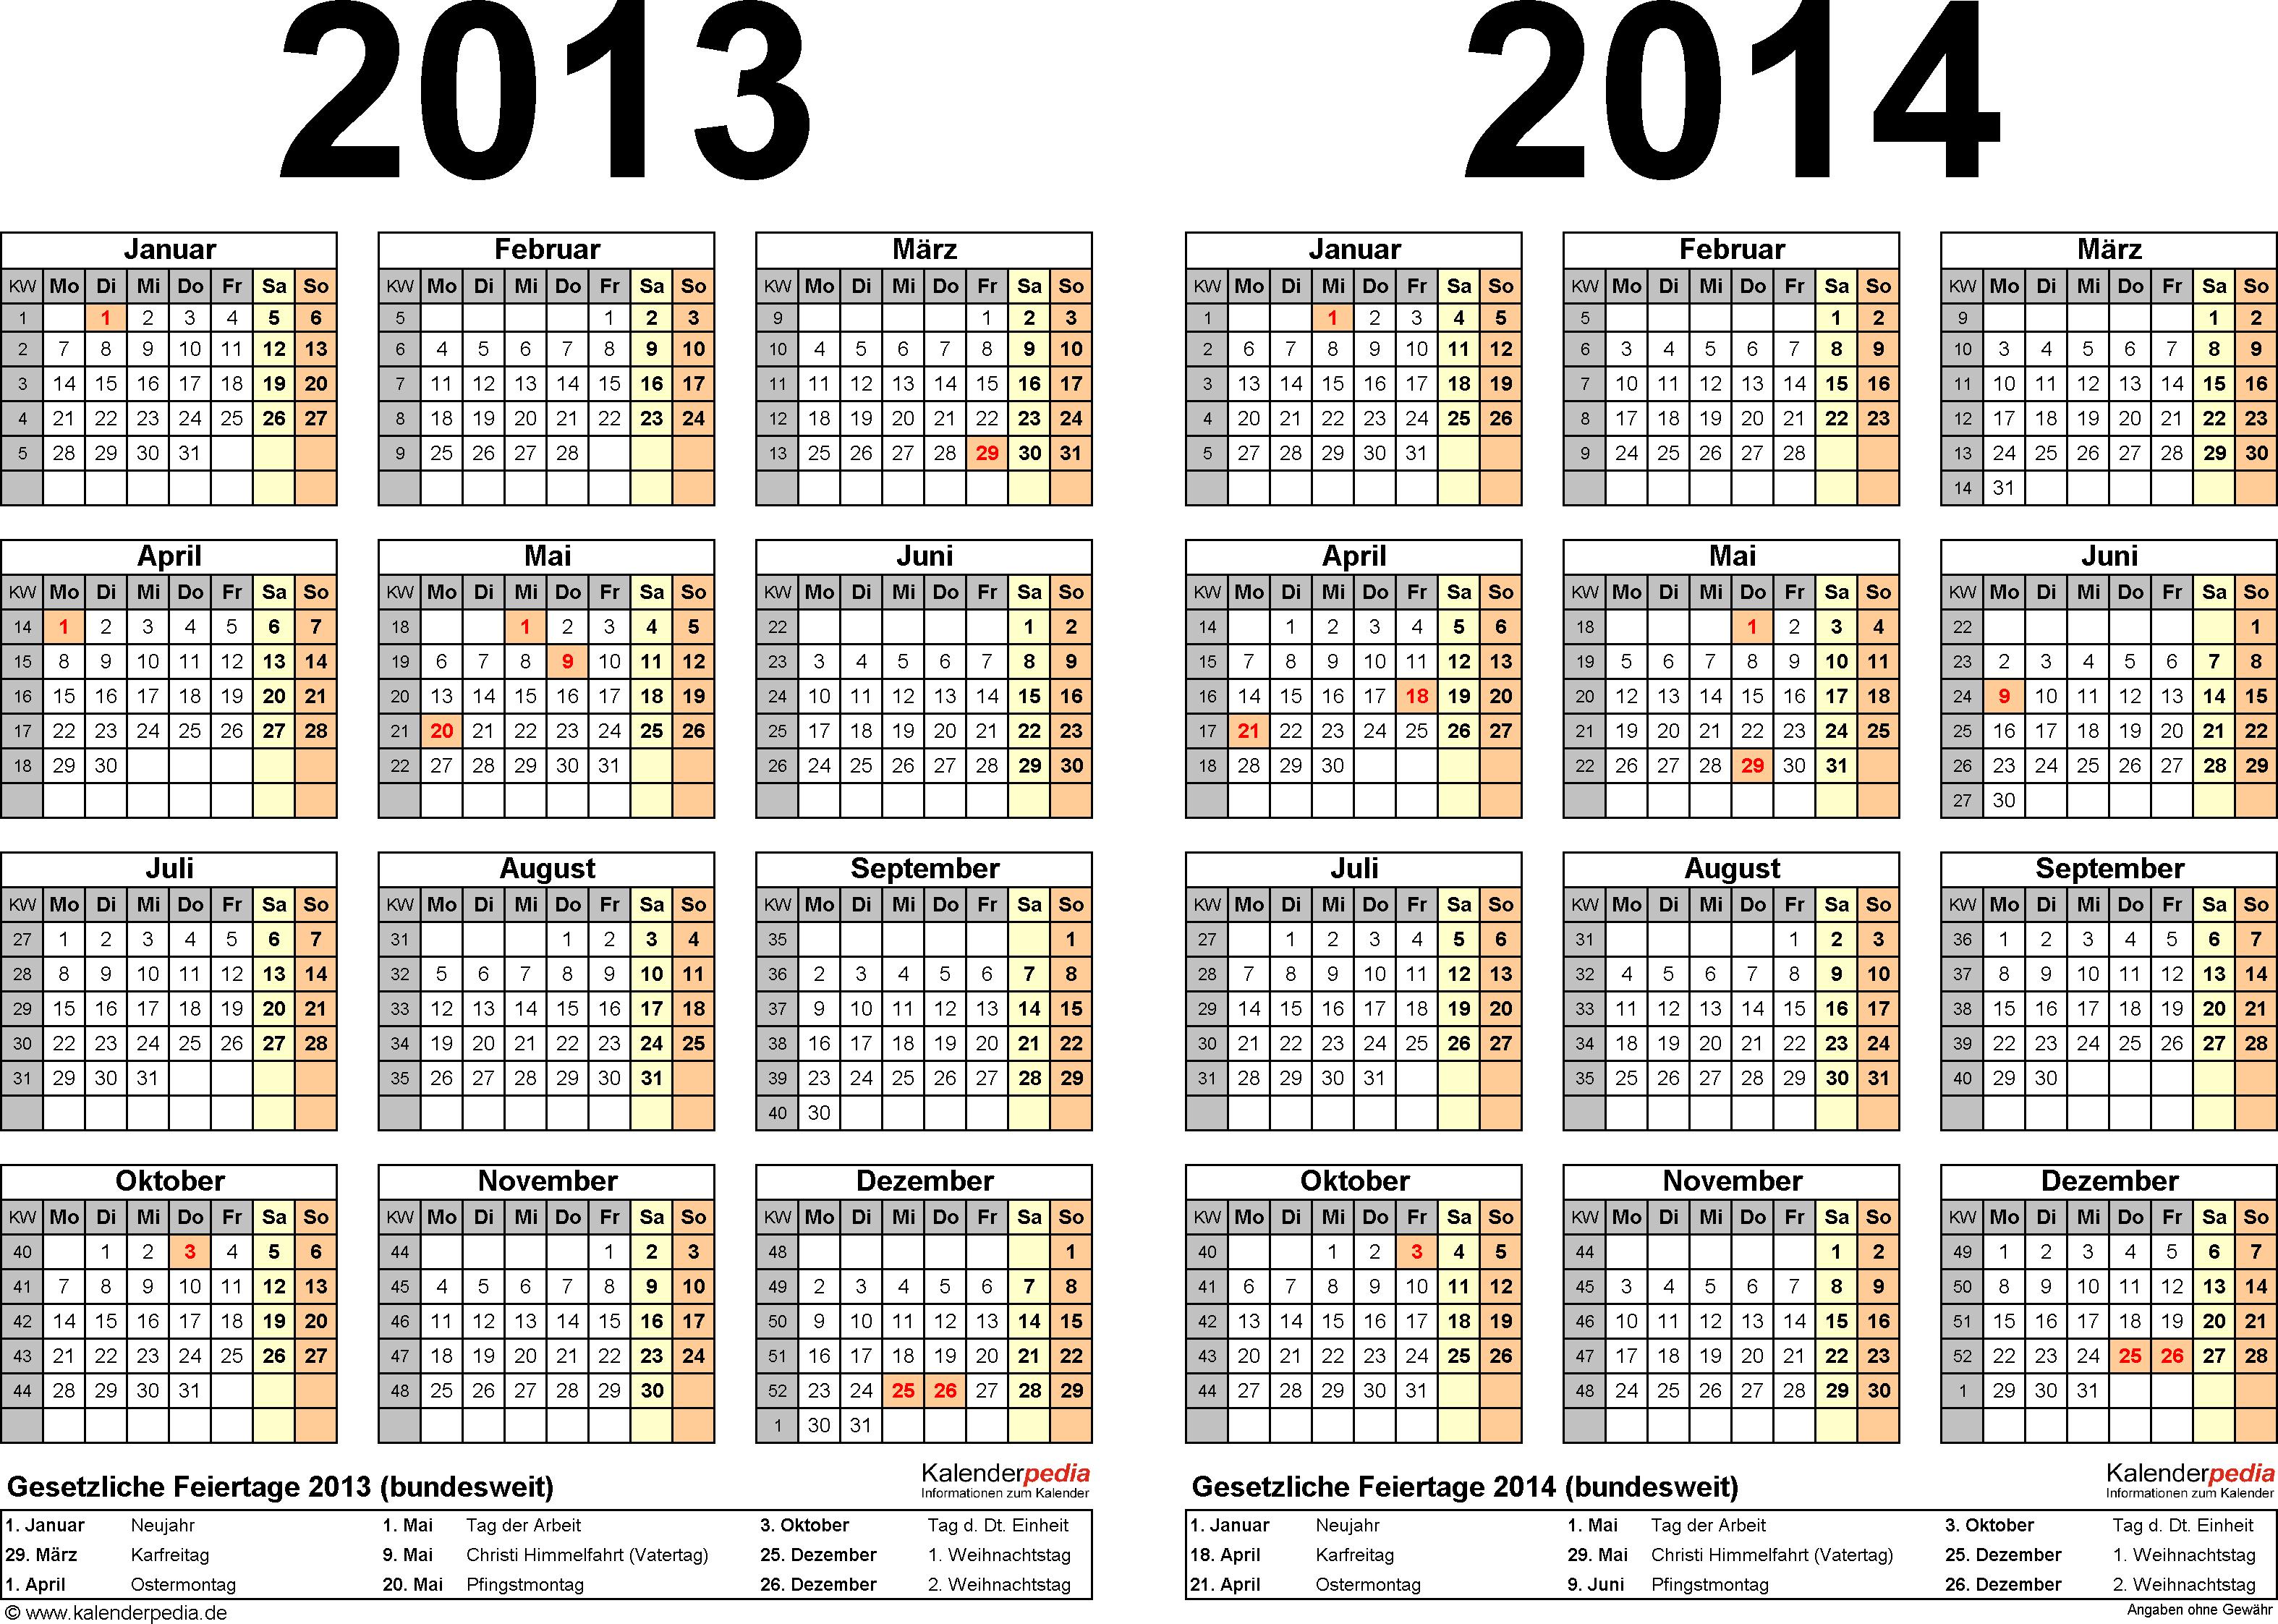 Excel-Vorlage für Zweijahreskalender 2013/2014 (Querformat, 1 Seite)